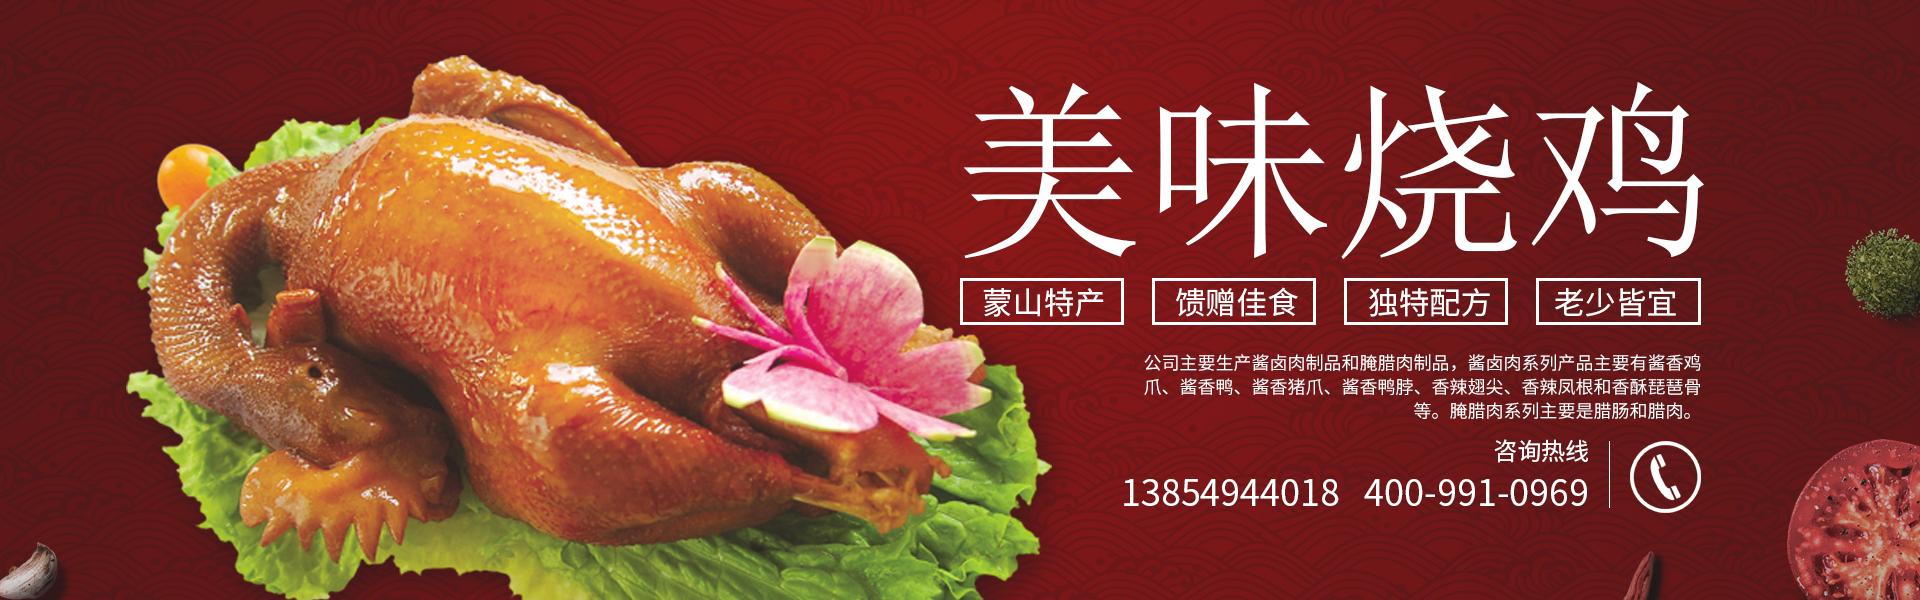 烧鸡厂家,烤鸭批发,必威网址,腊肉腊肠厂家